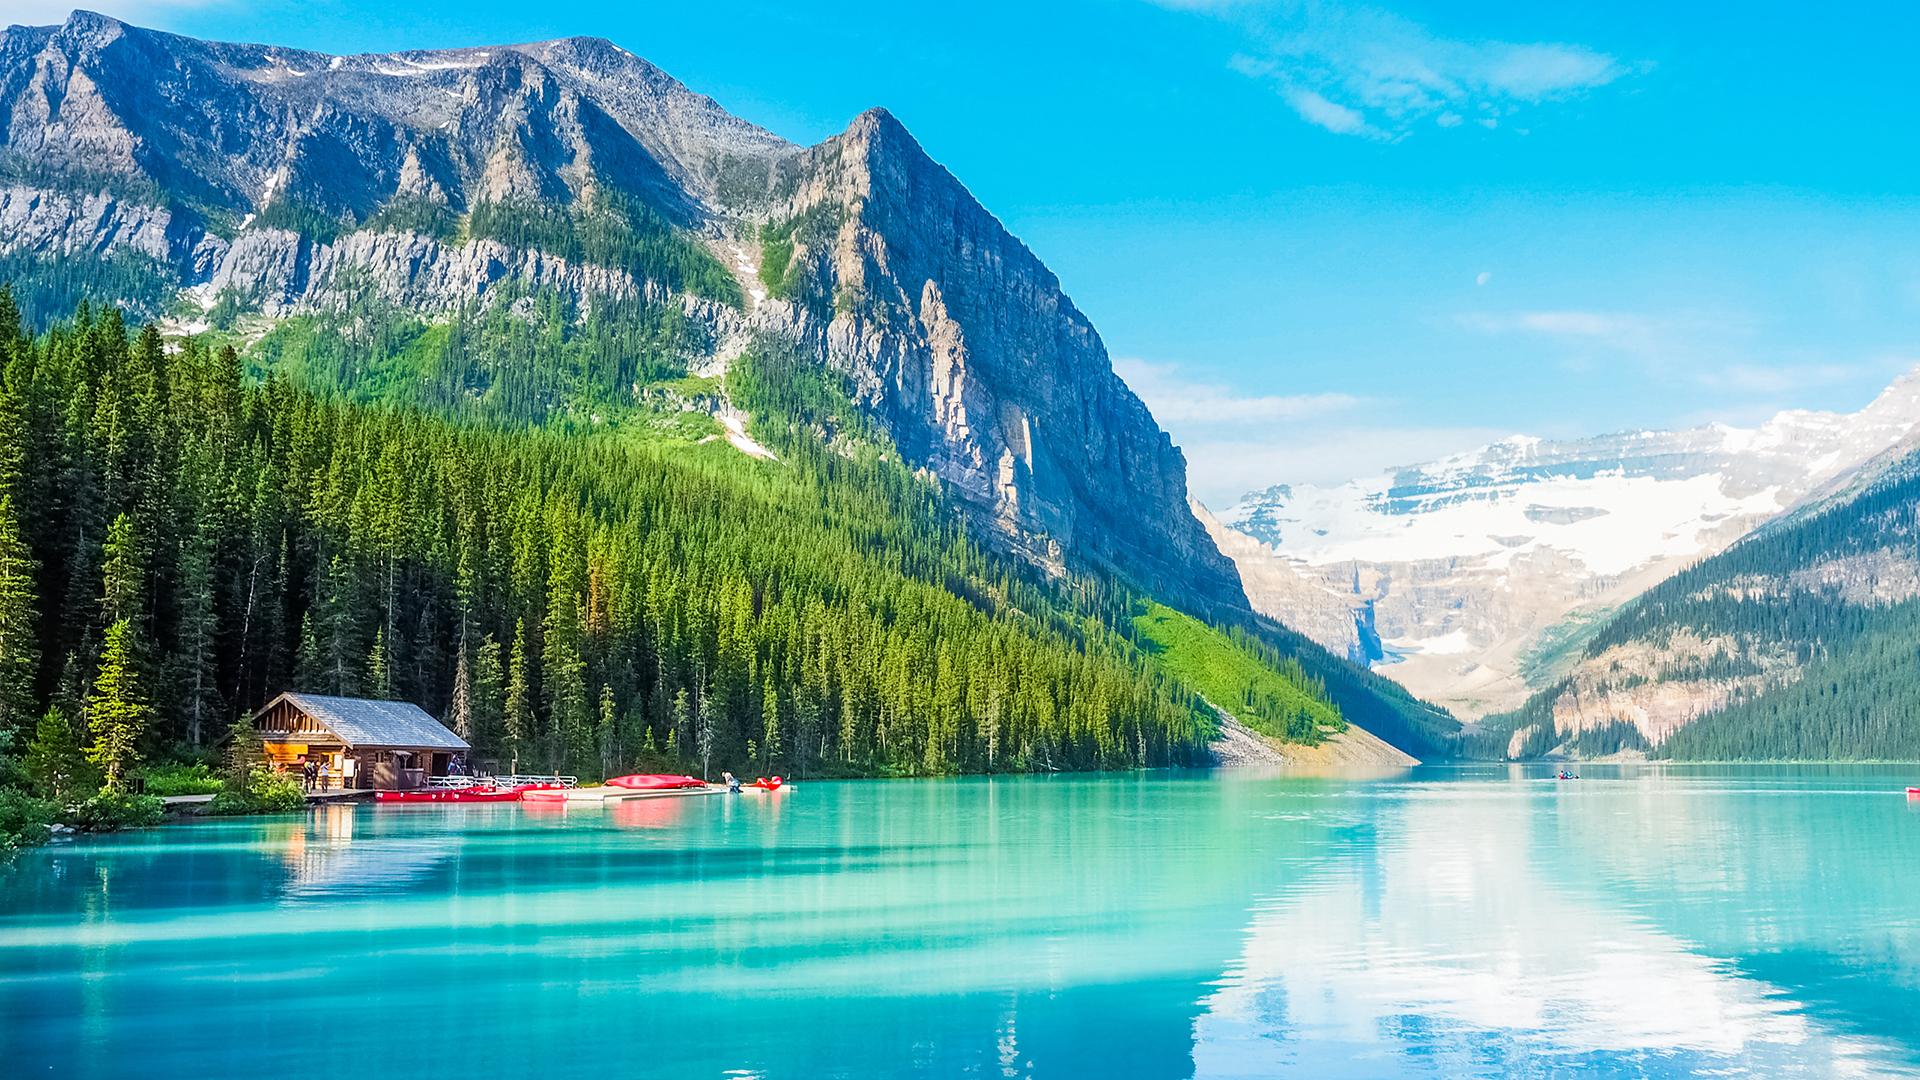 El segundo país más grande del mundo tiene paisajes demasiado espectaculares como para destacarsolo algunos.Vale la pena visitar los 48 parques nacionales del país, desde el sereno Banff de Alberta hasta el extremo Kluane de Yukon